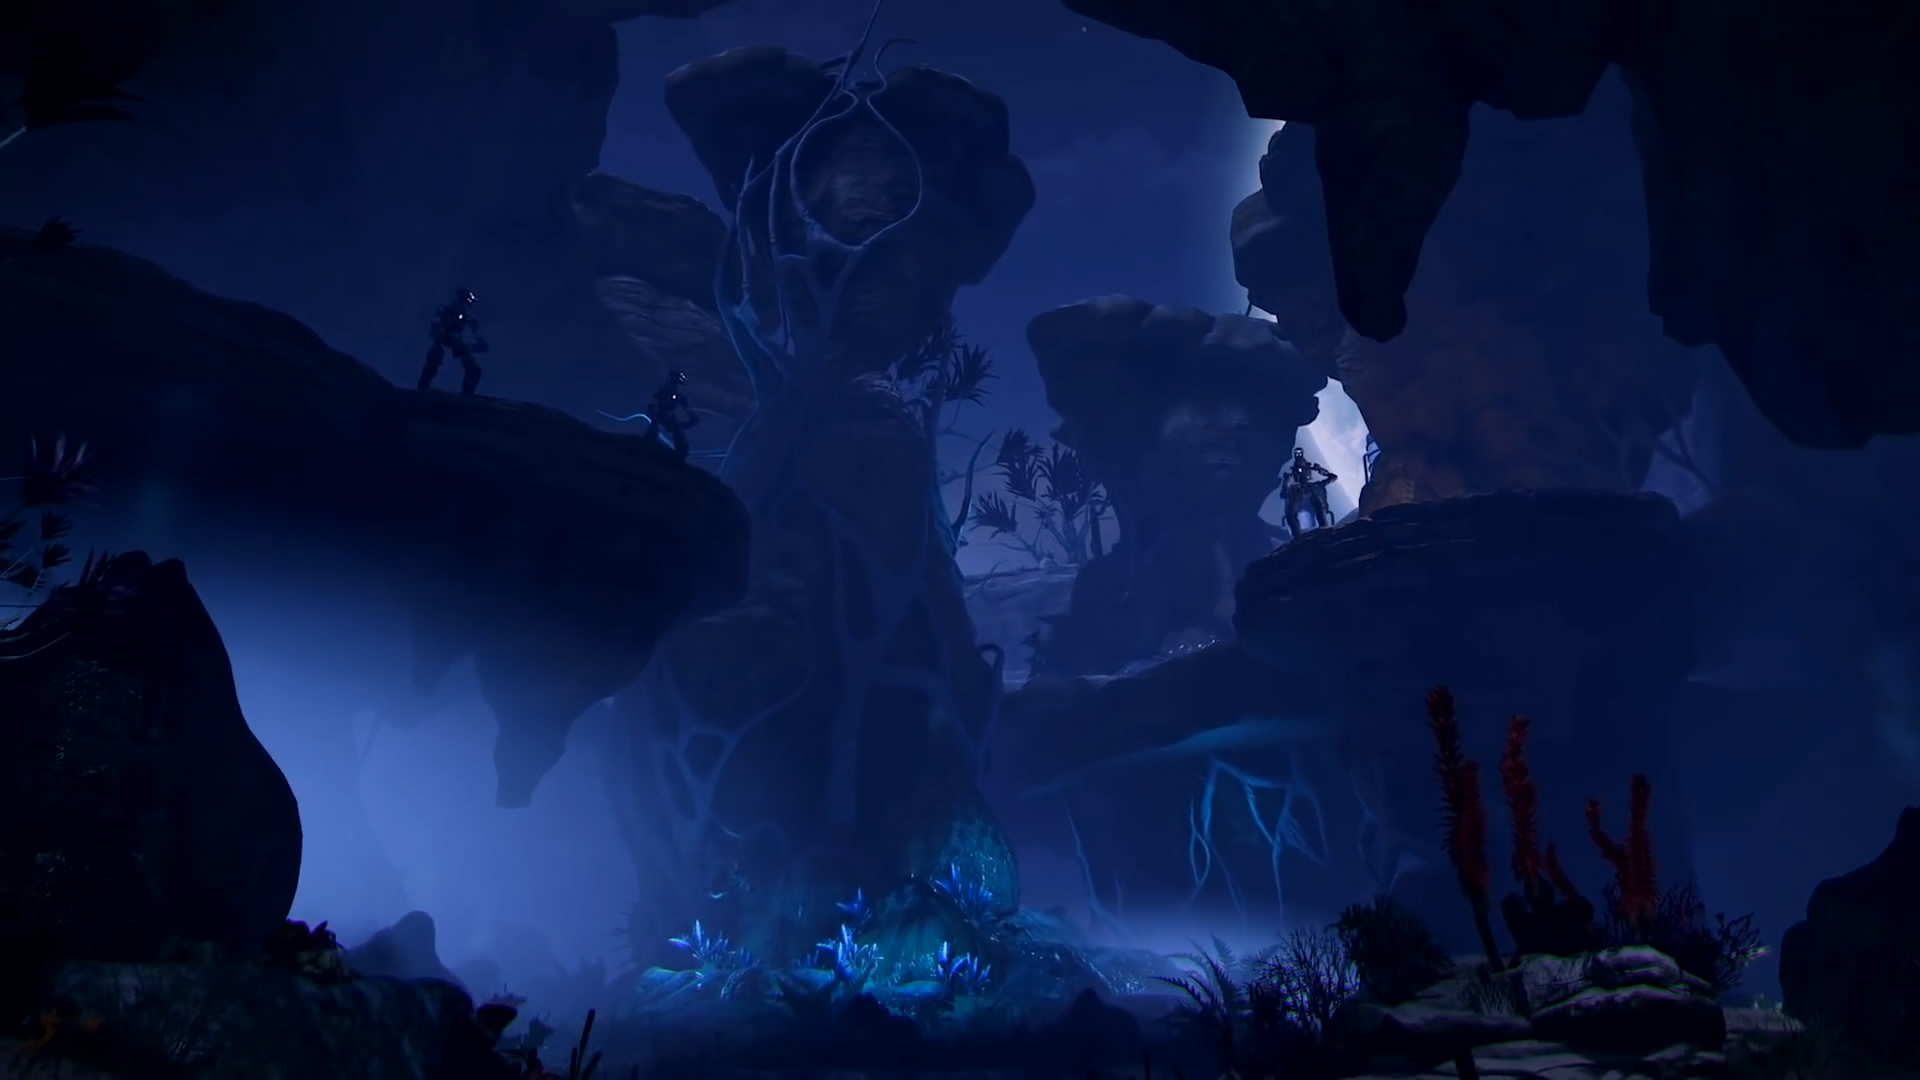 开放世界游戏《风暴之地》新预告 对抗变异军队